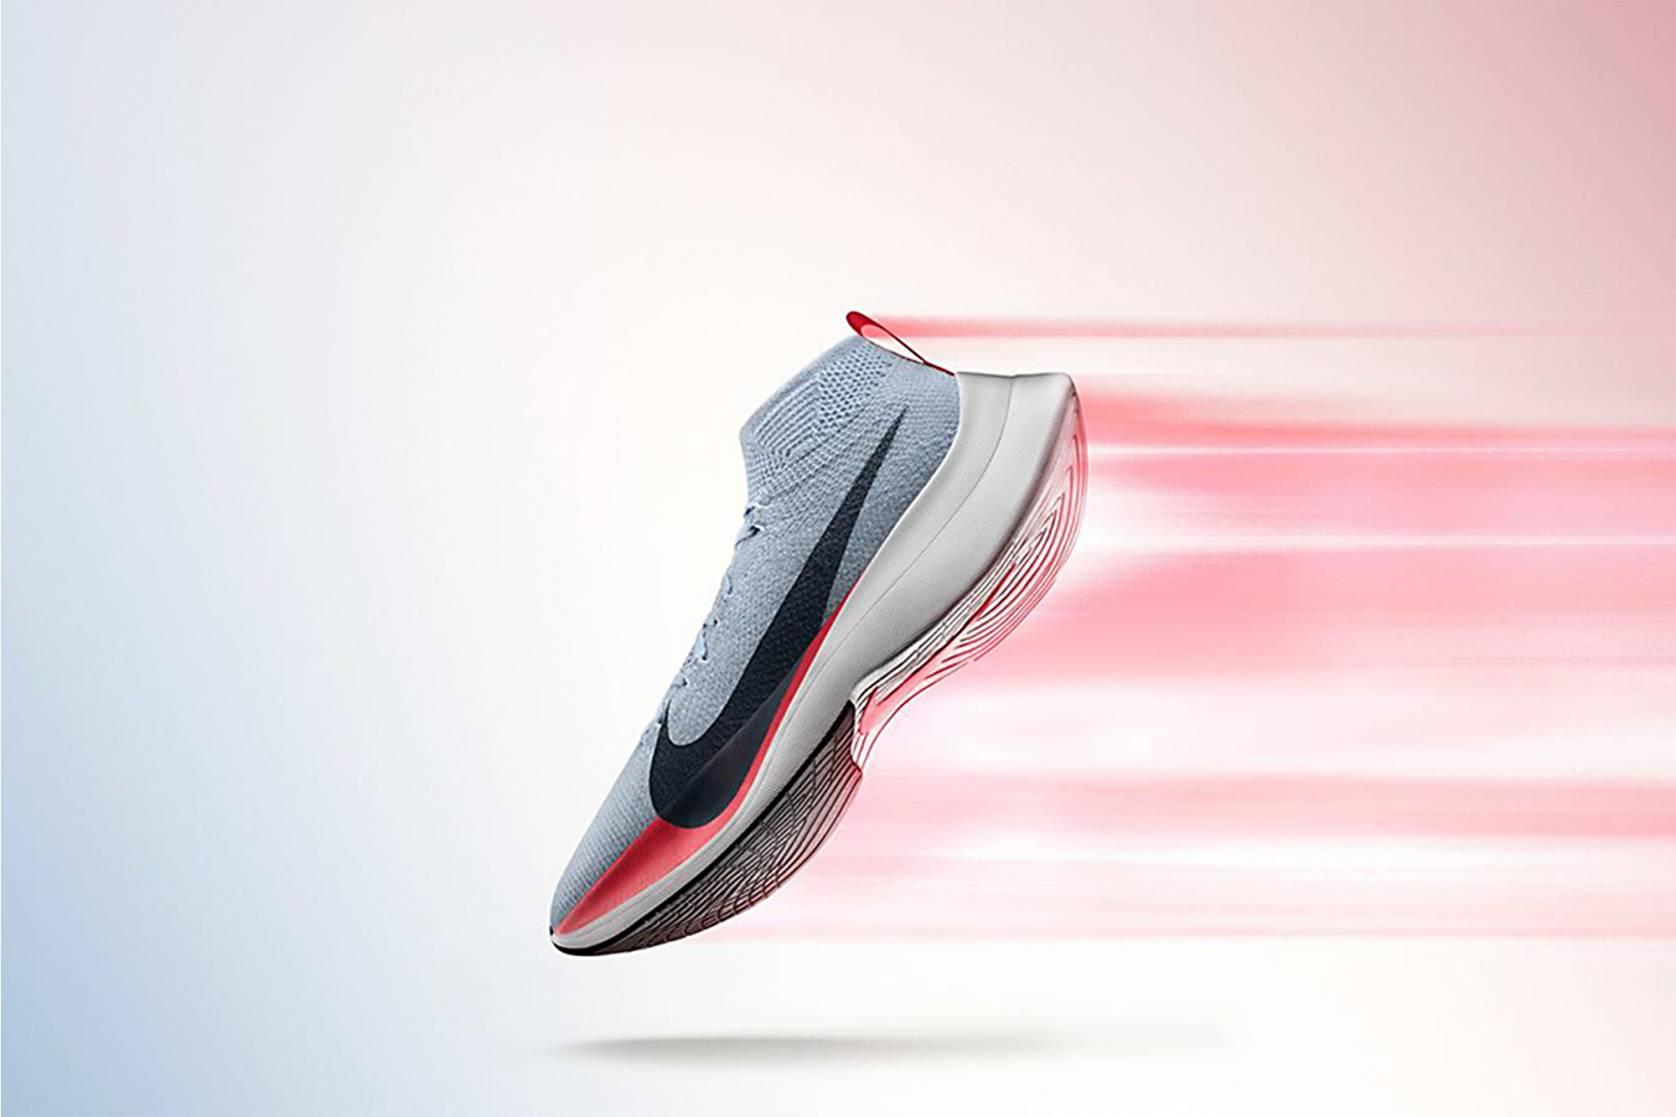 The Best Marathon Running Shoes